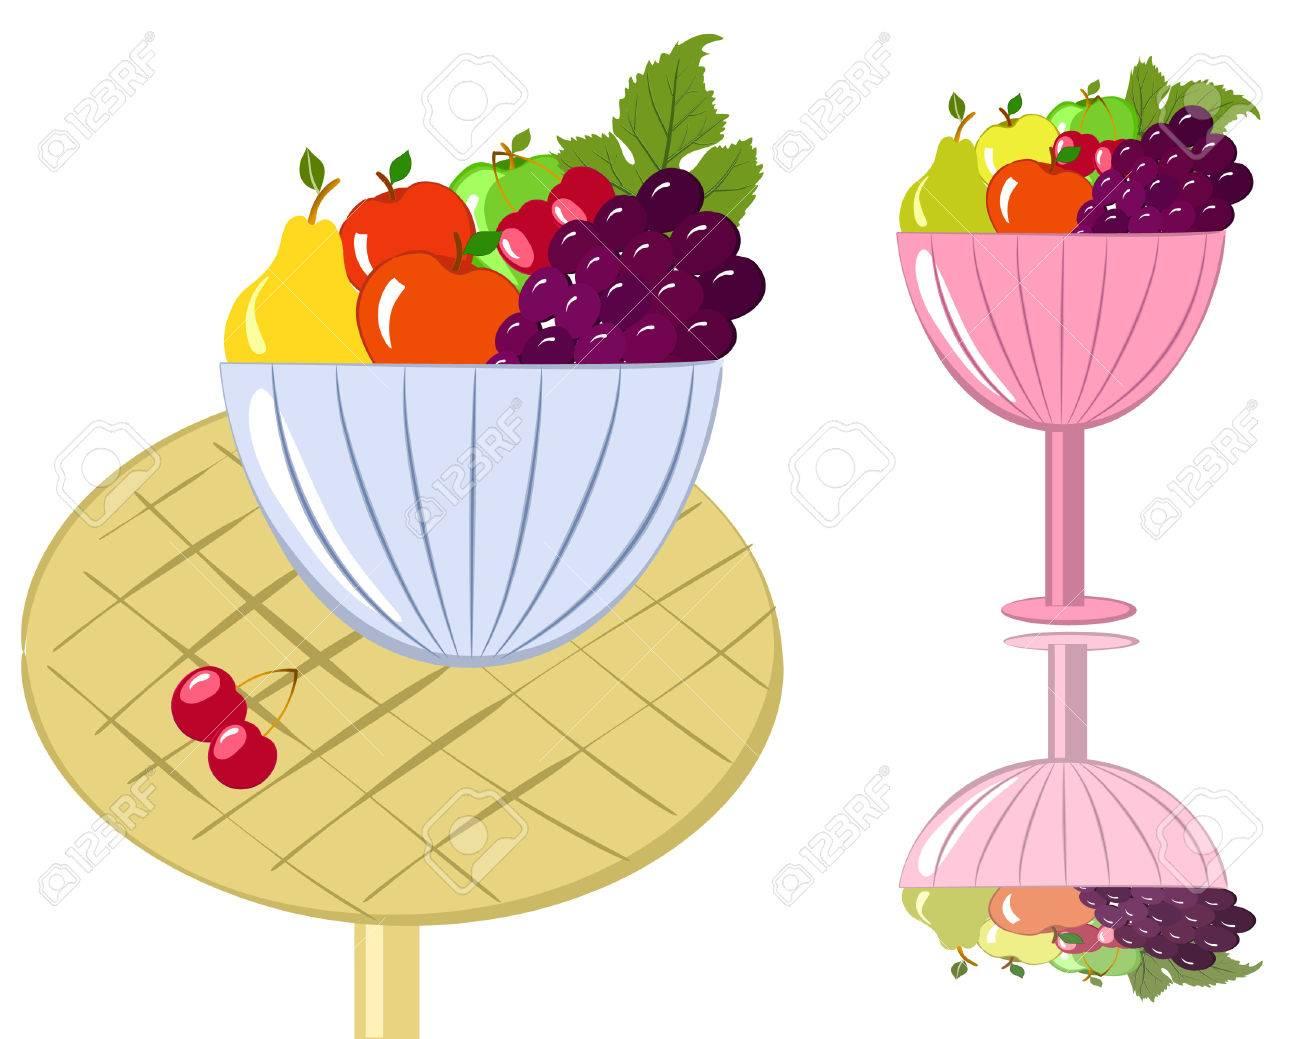 bowl of fruit - 7151212